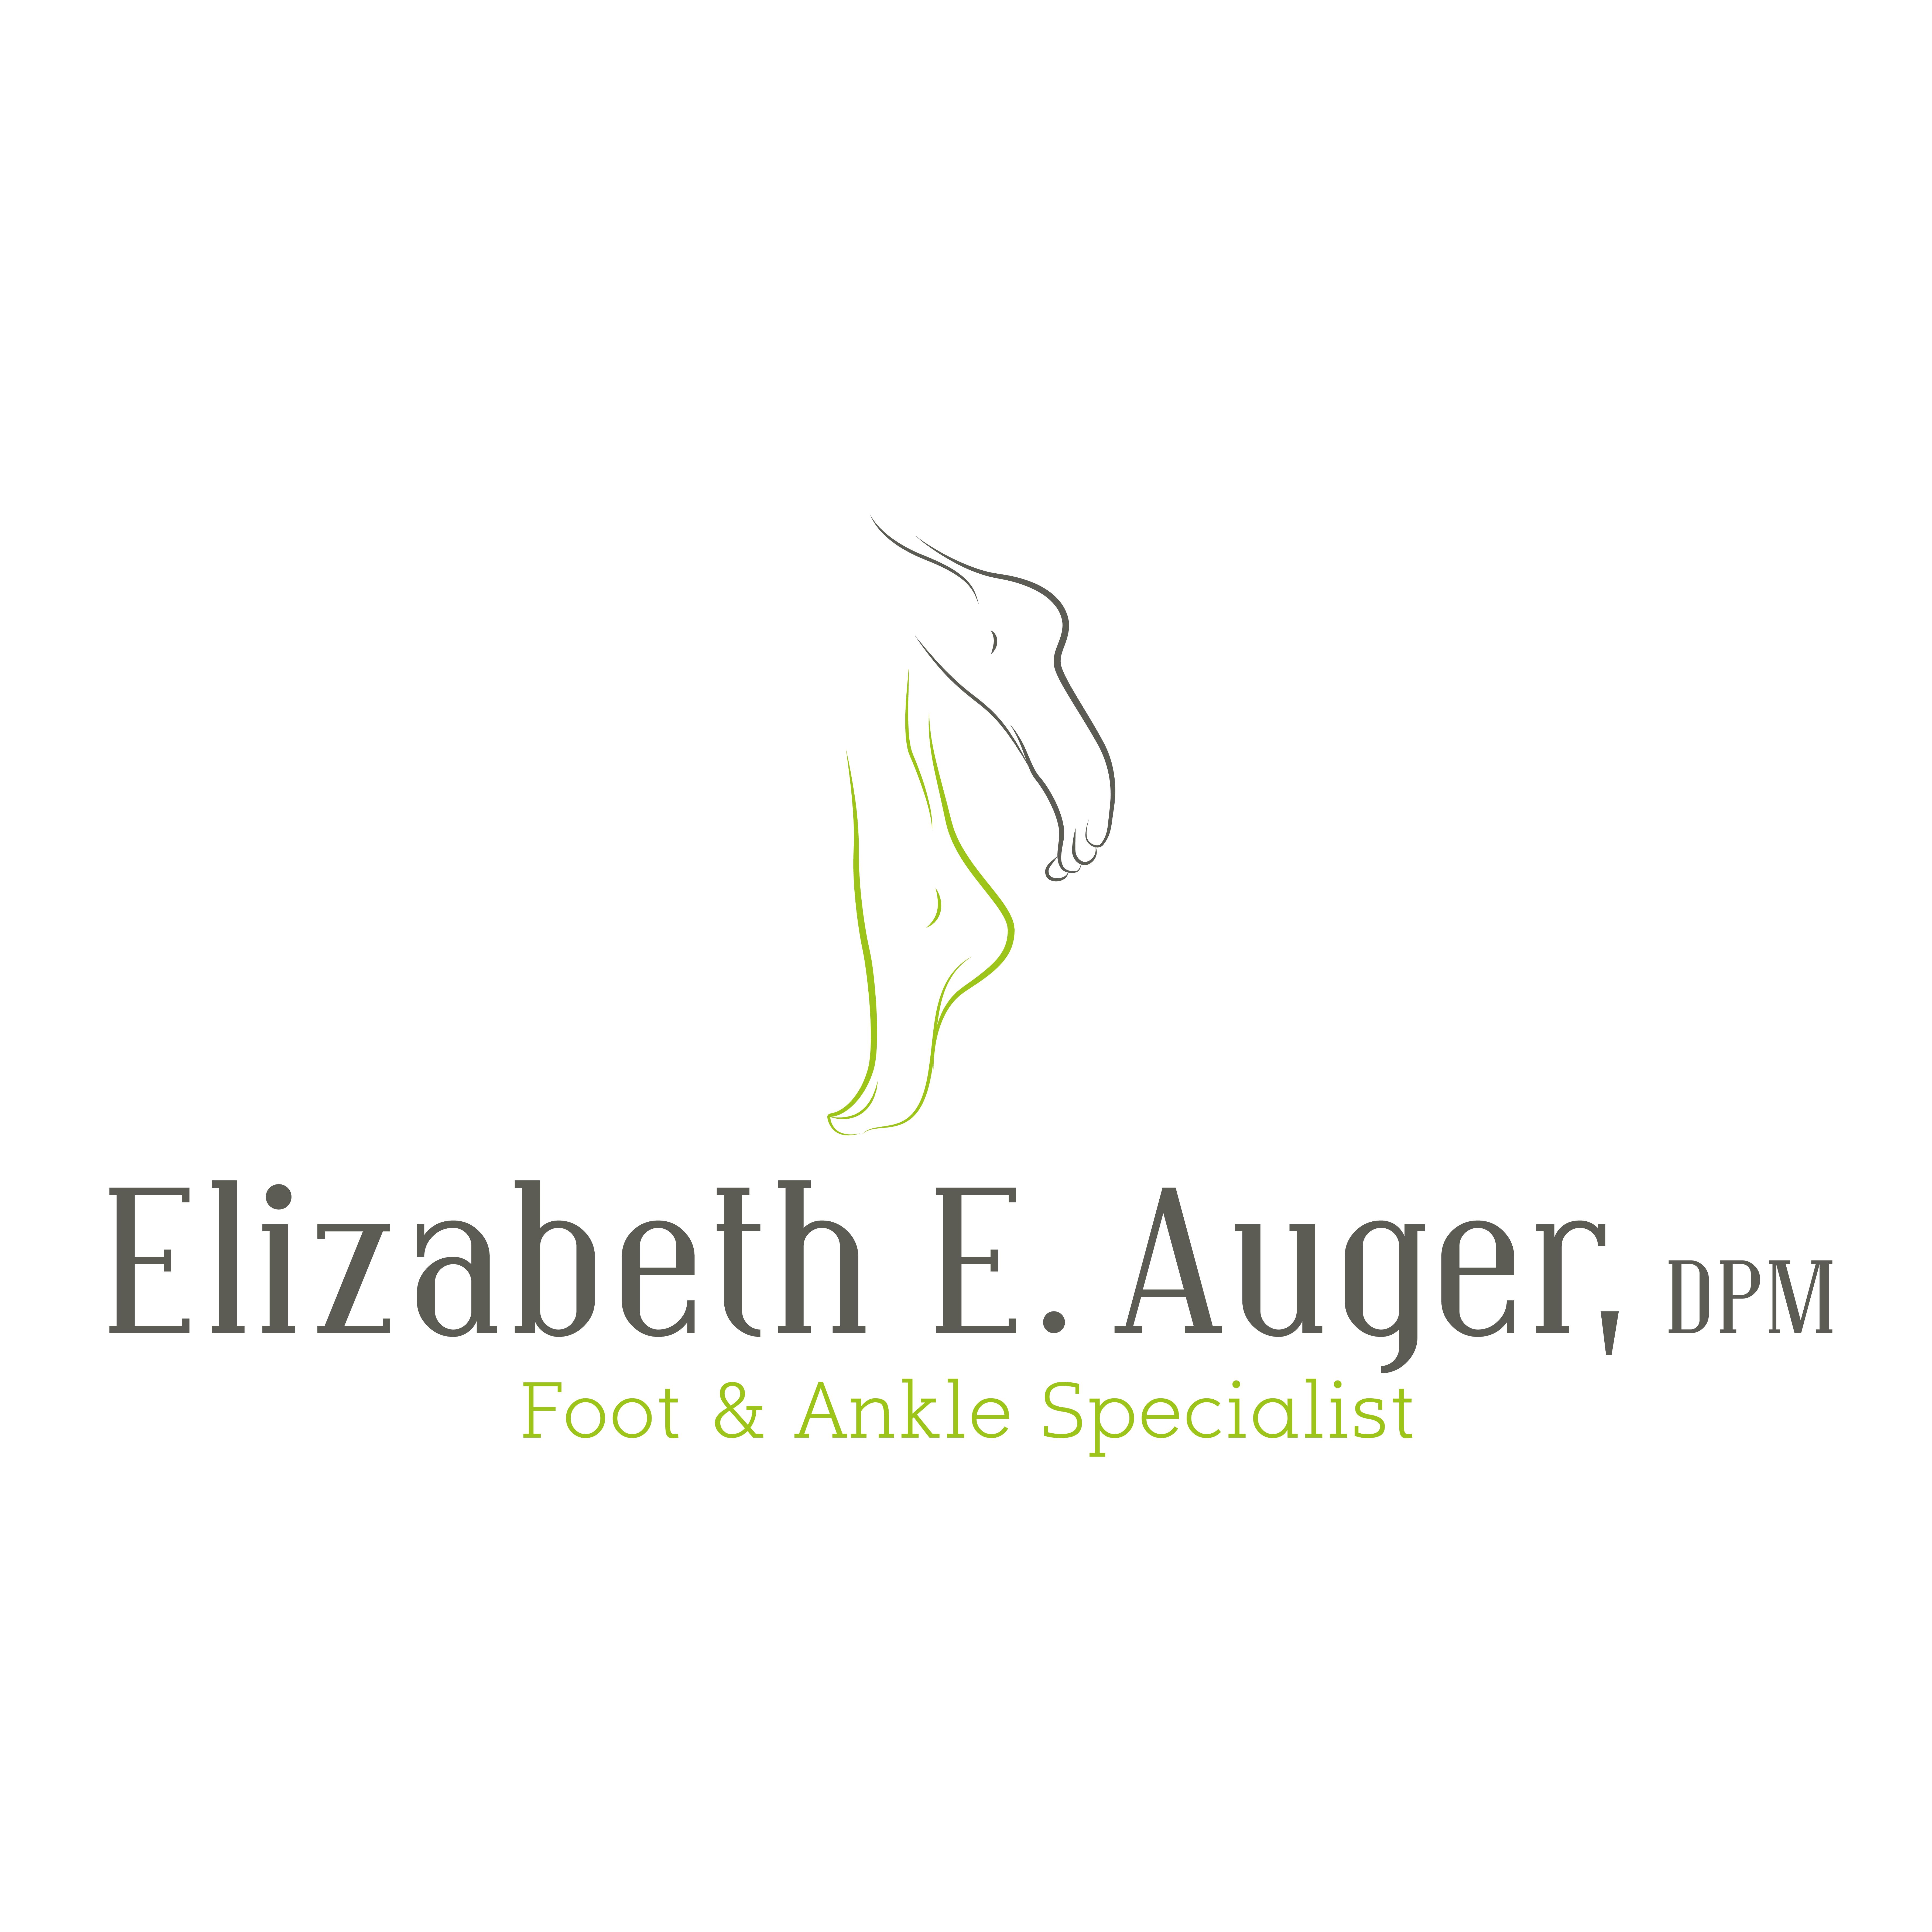 Elizabeth E. Auger, DPM